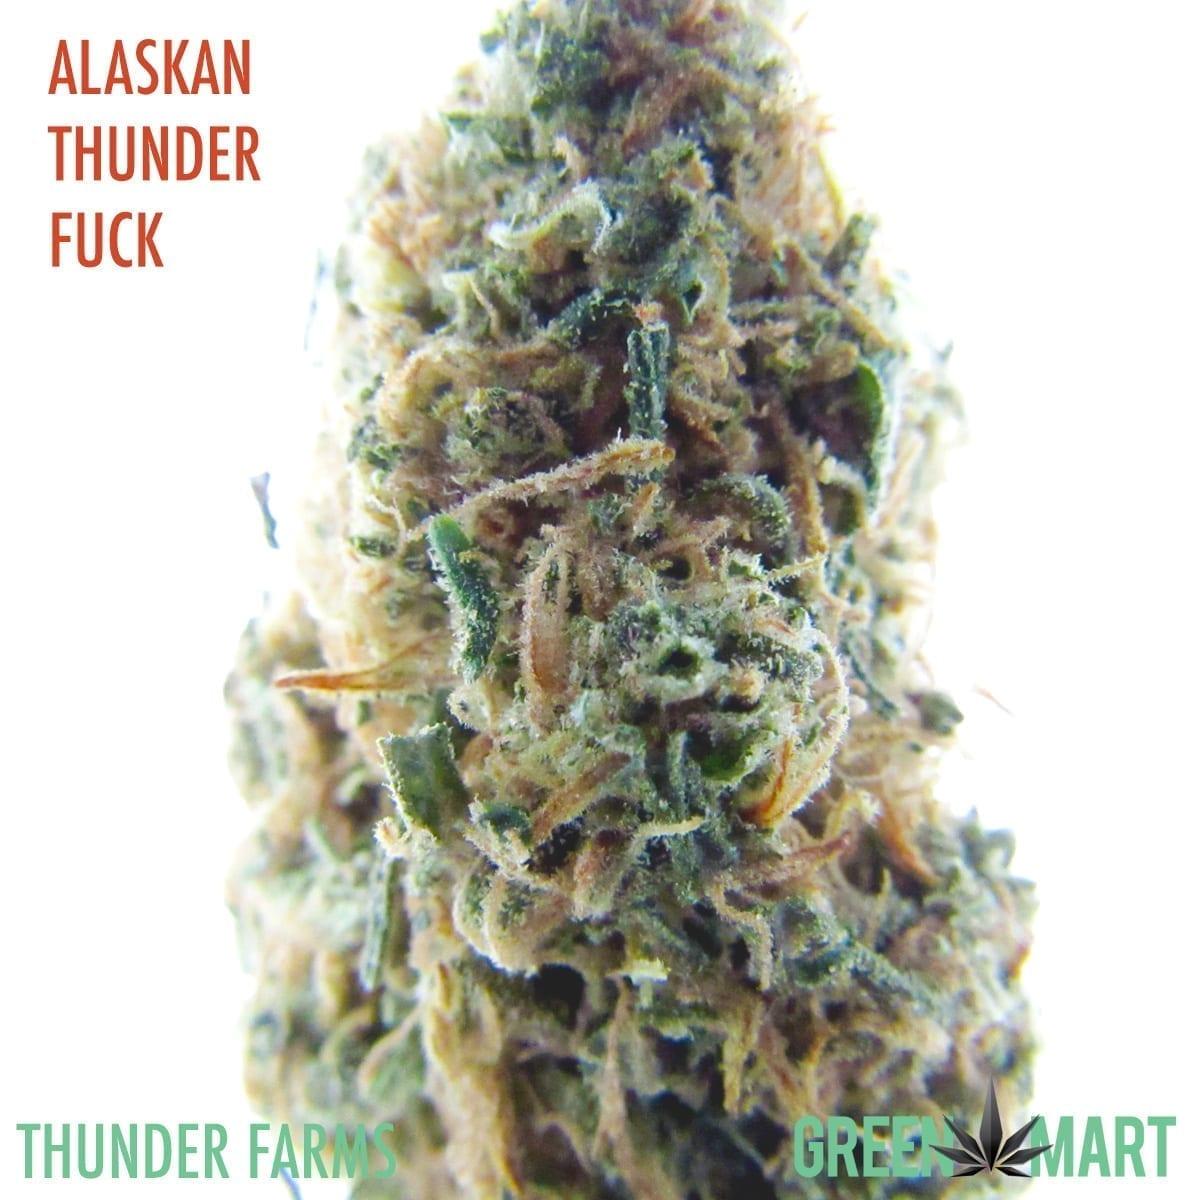 Alaskan Thunderfuck by Thunder Farms